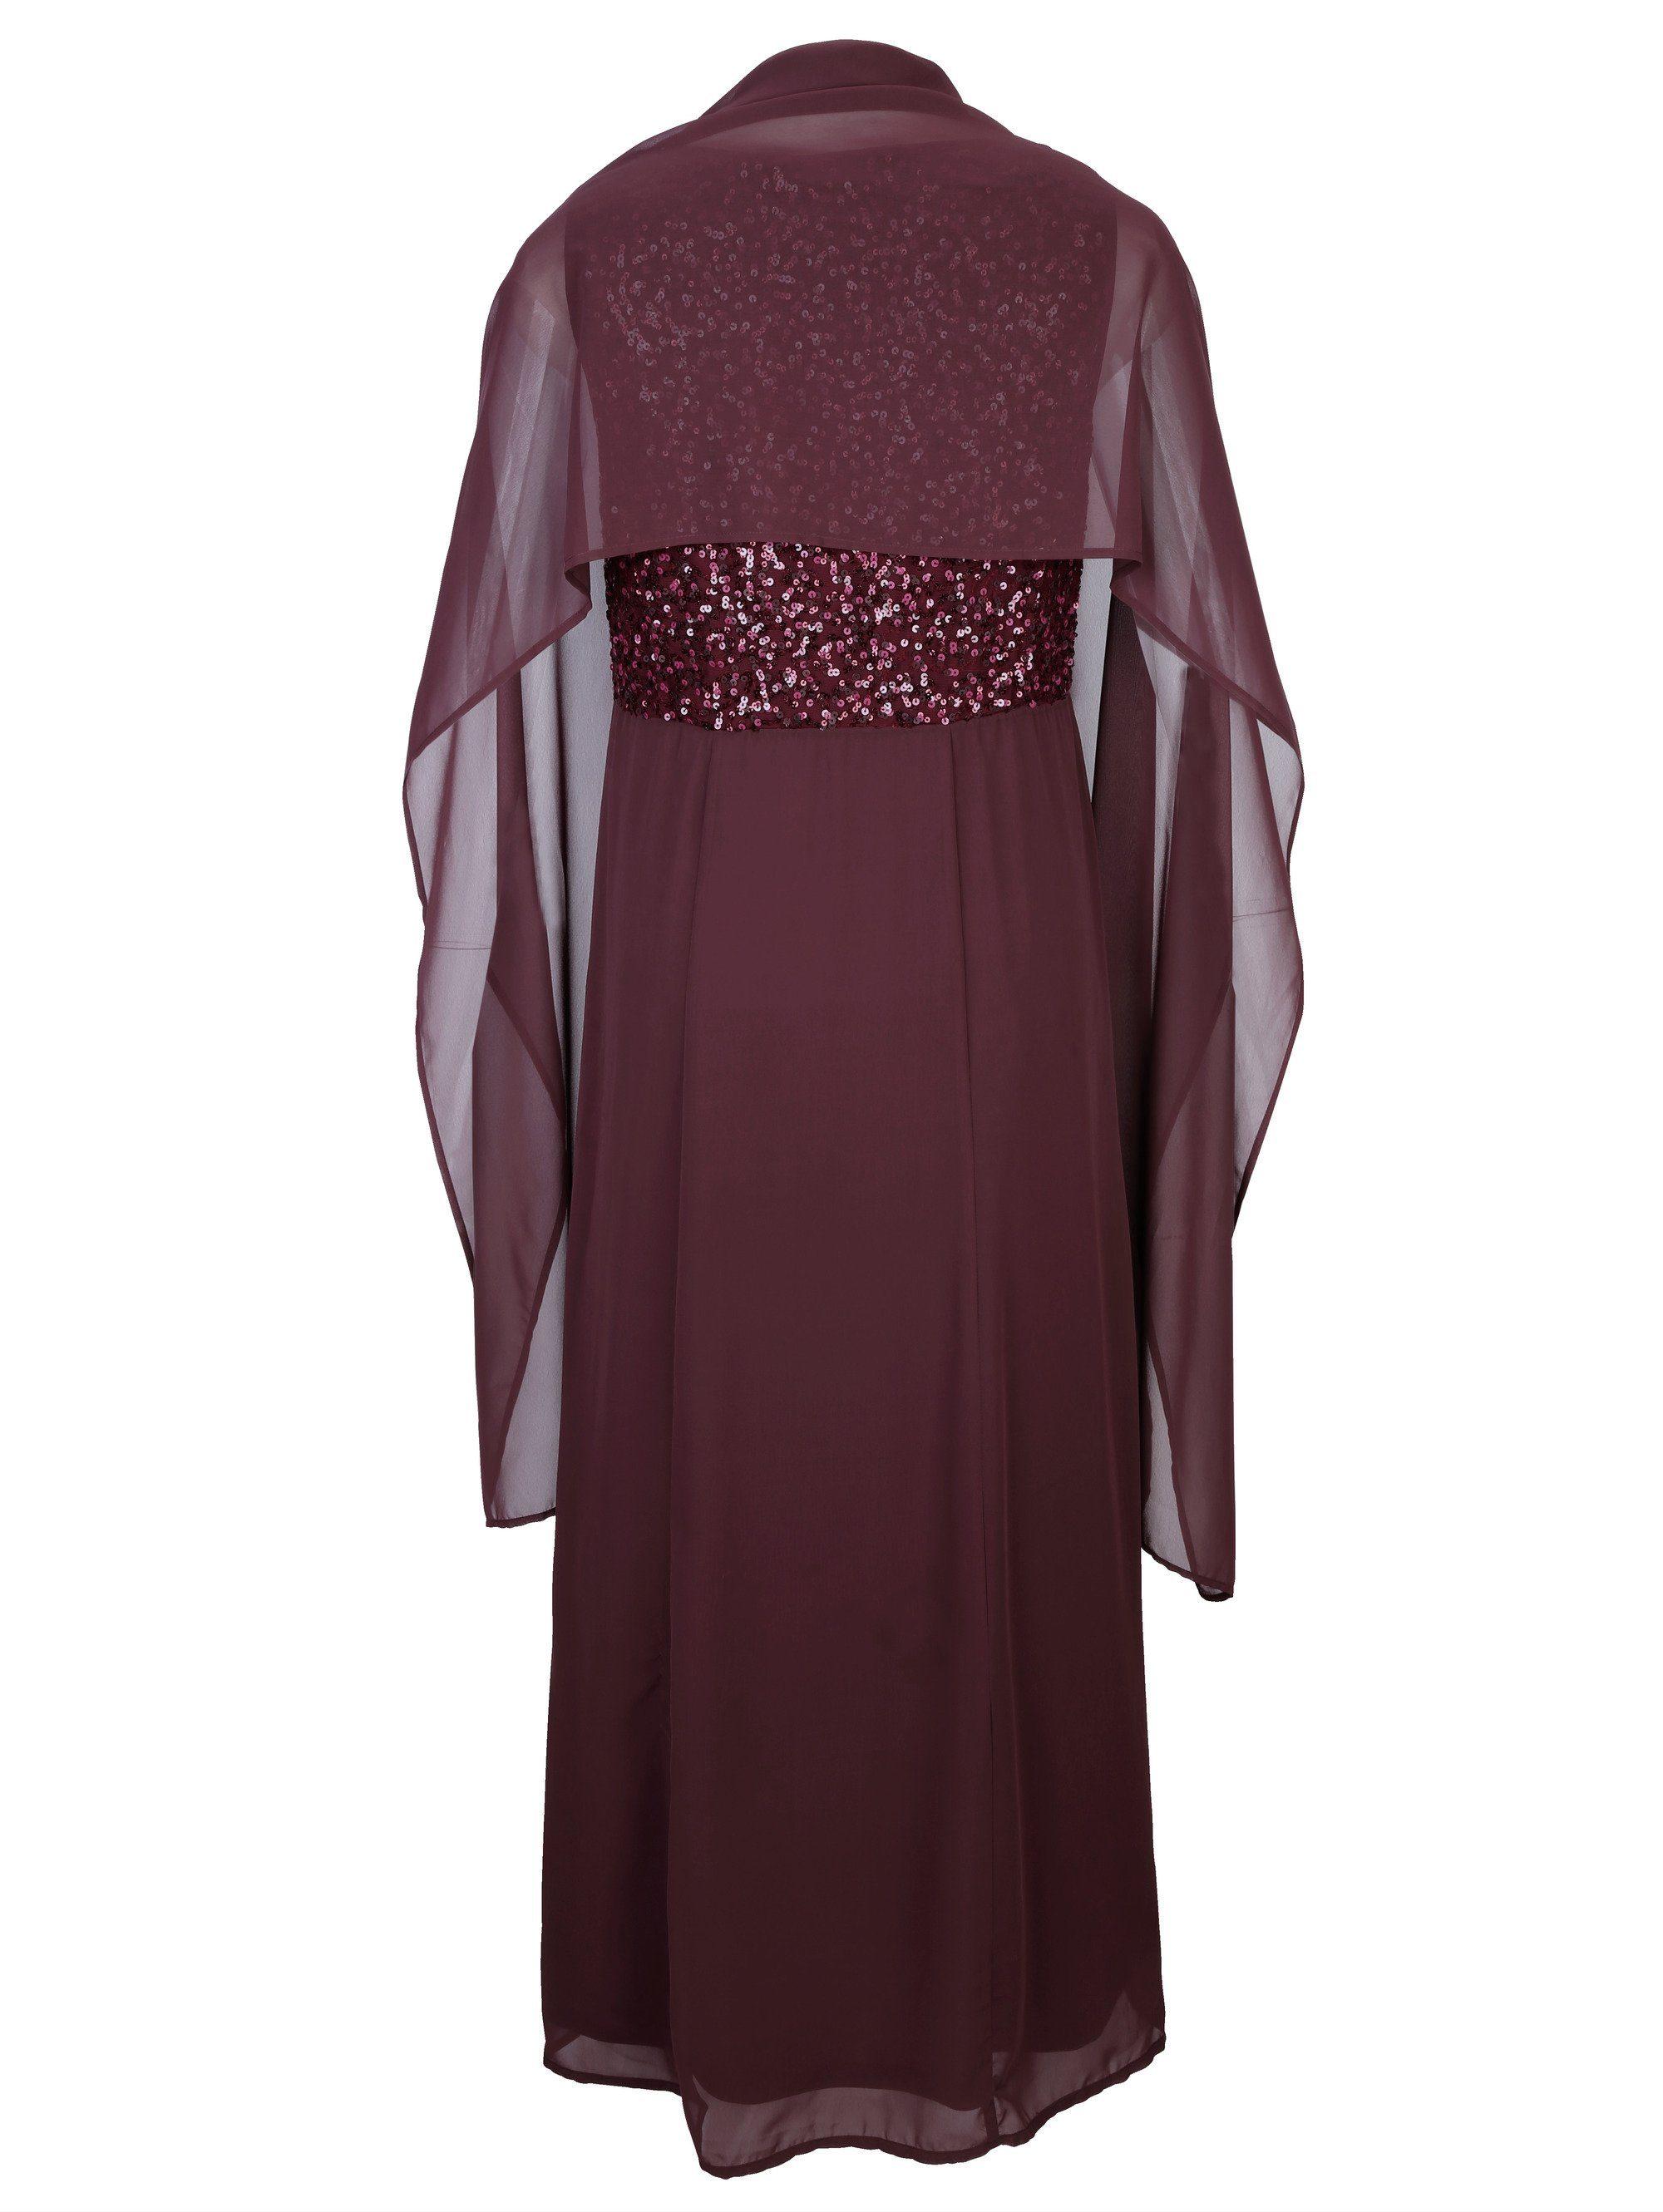 MIAMODA Abendkleid mit edler Stola aus Chiffon